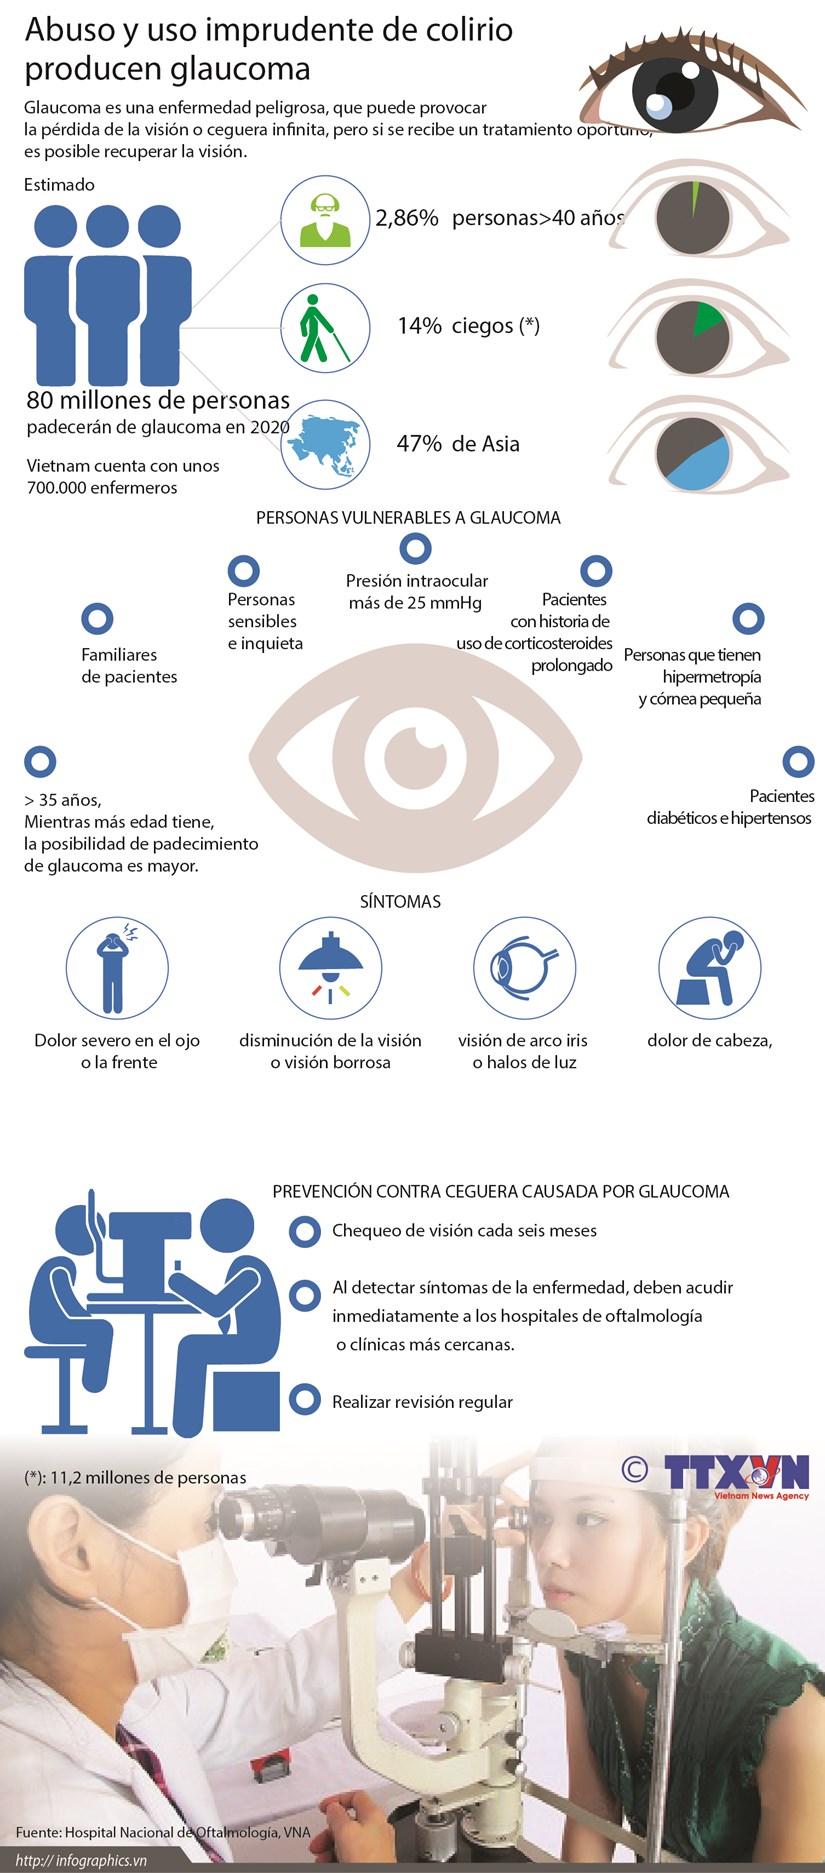 Abuso y uso imprudente de colirio producen glaucoma hinh anh 1